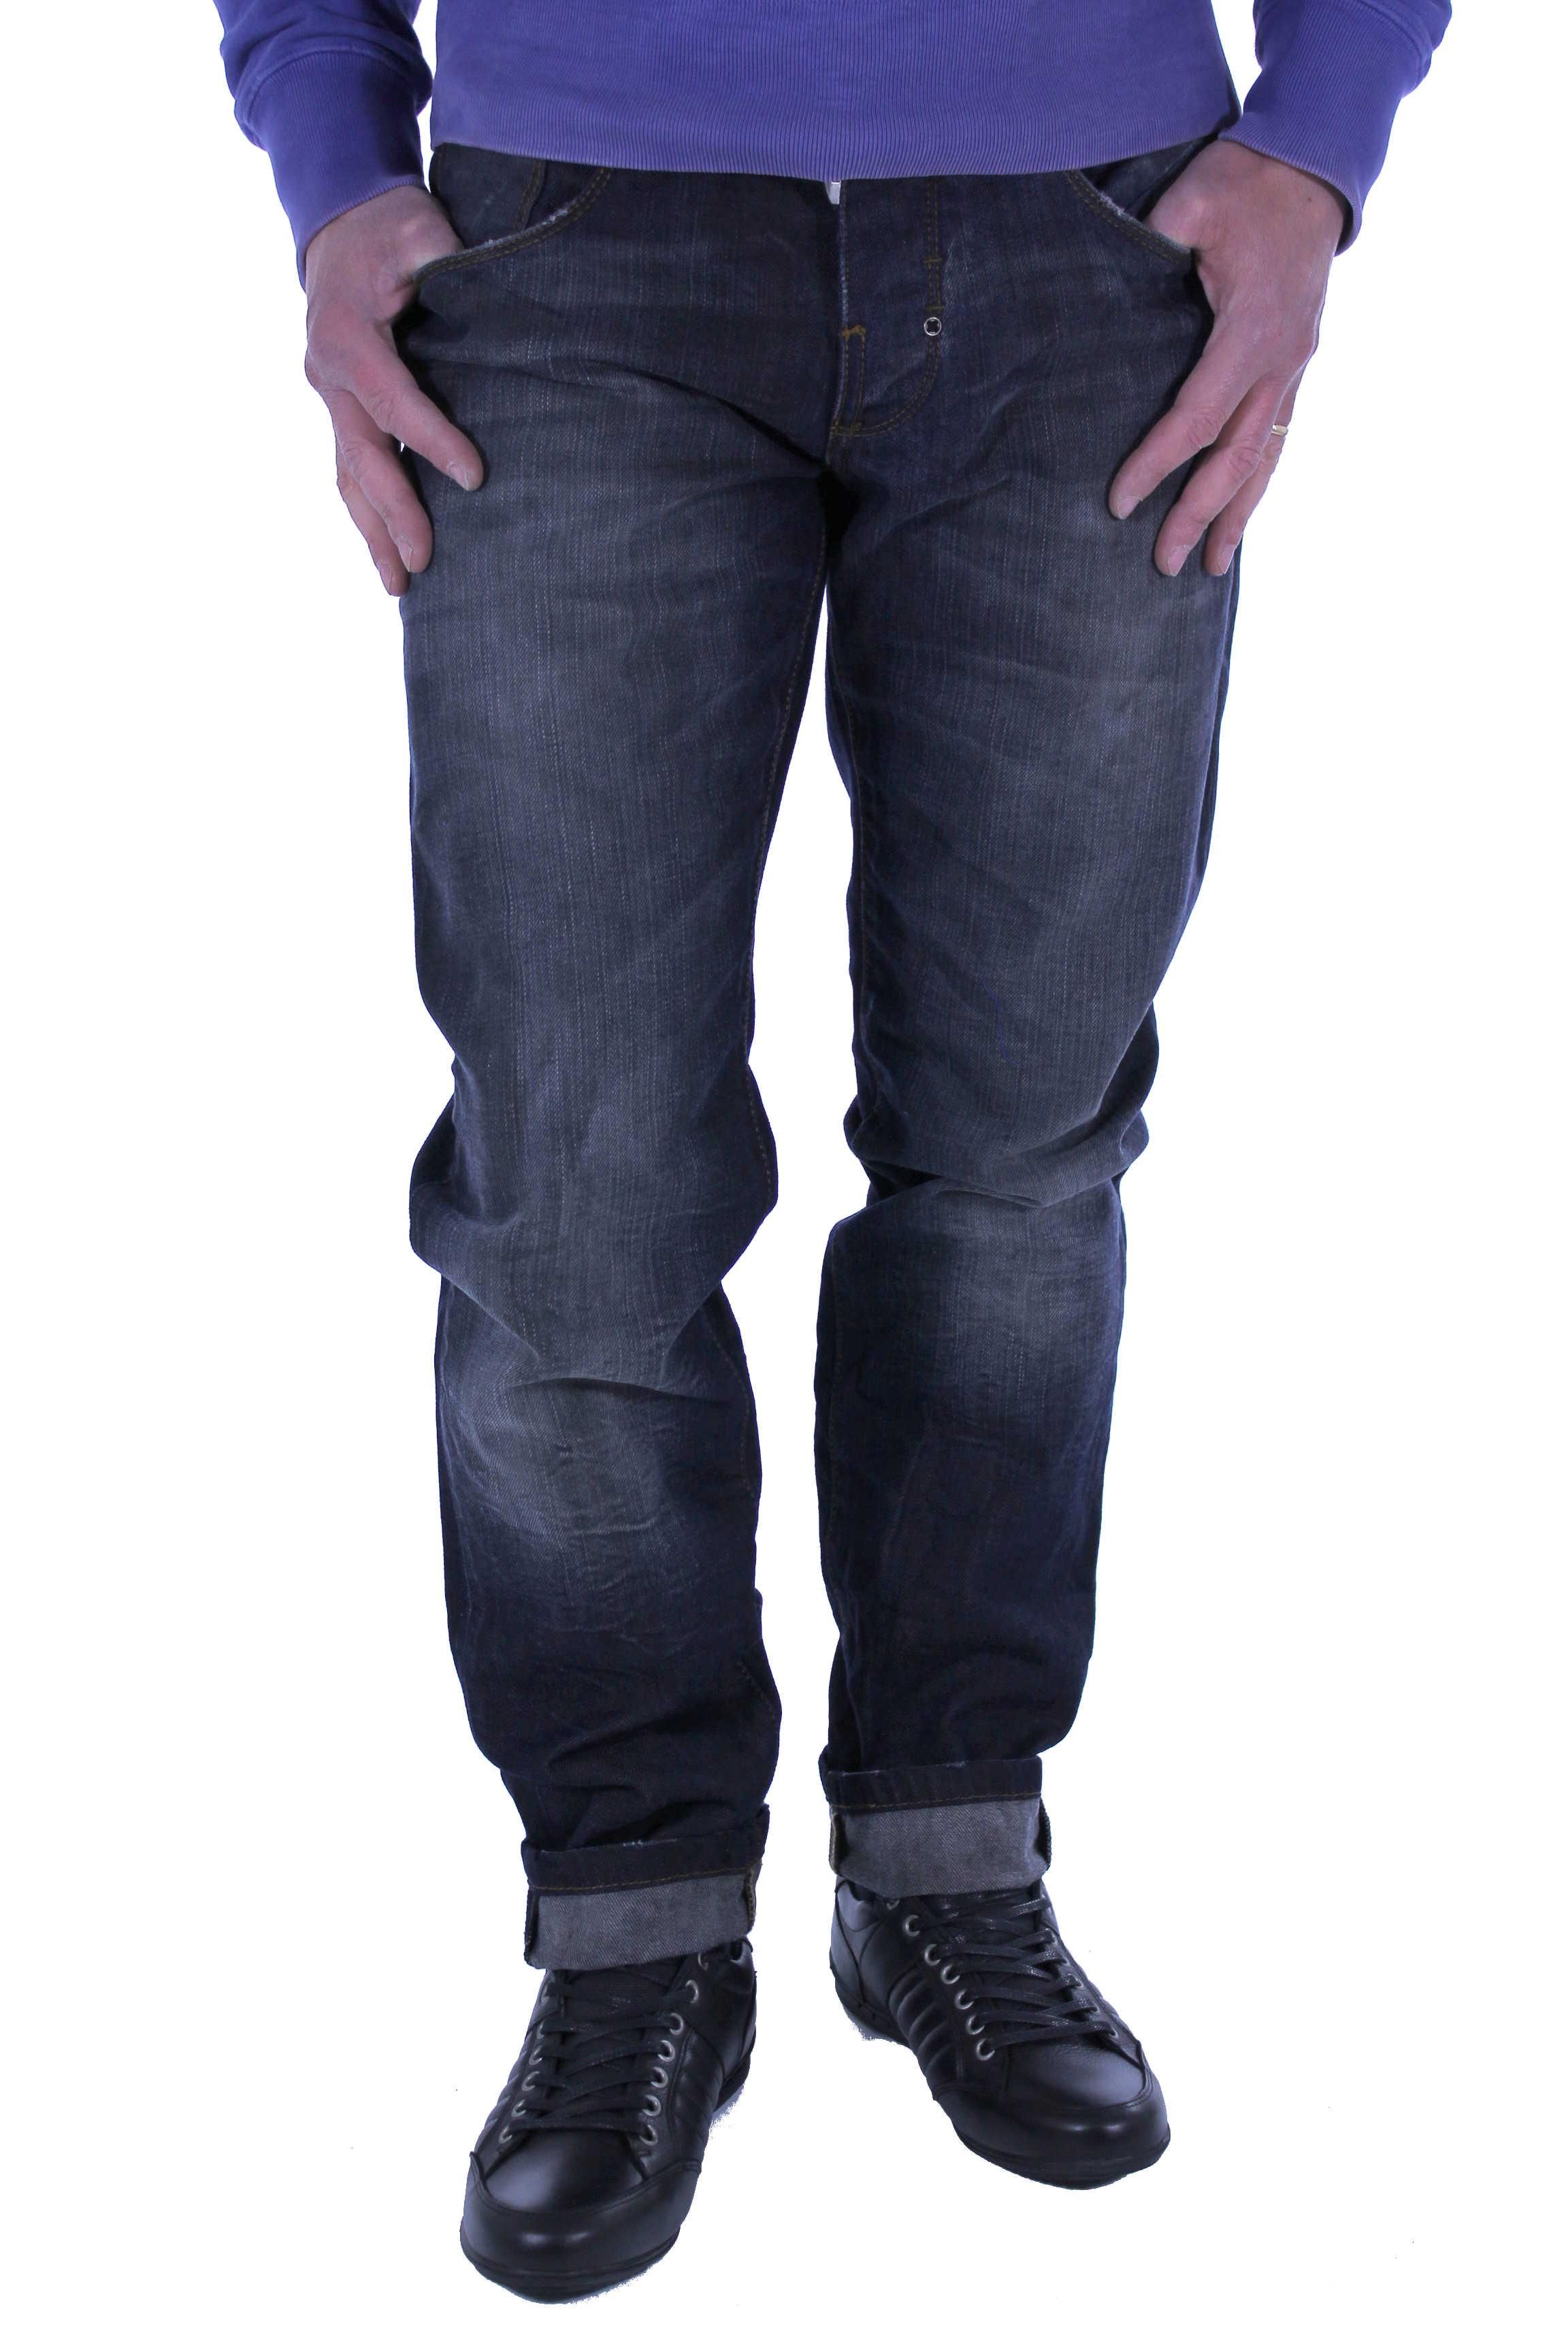 Antony Morato - Jeans homme 0045/186